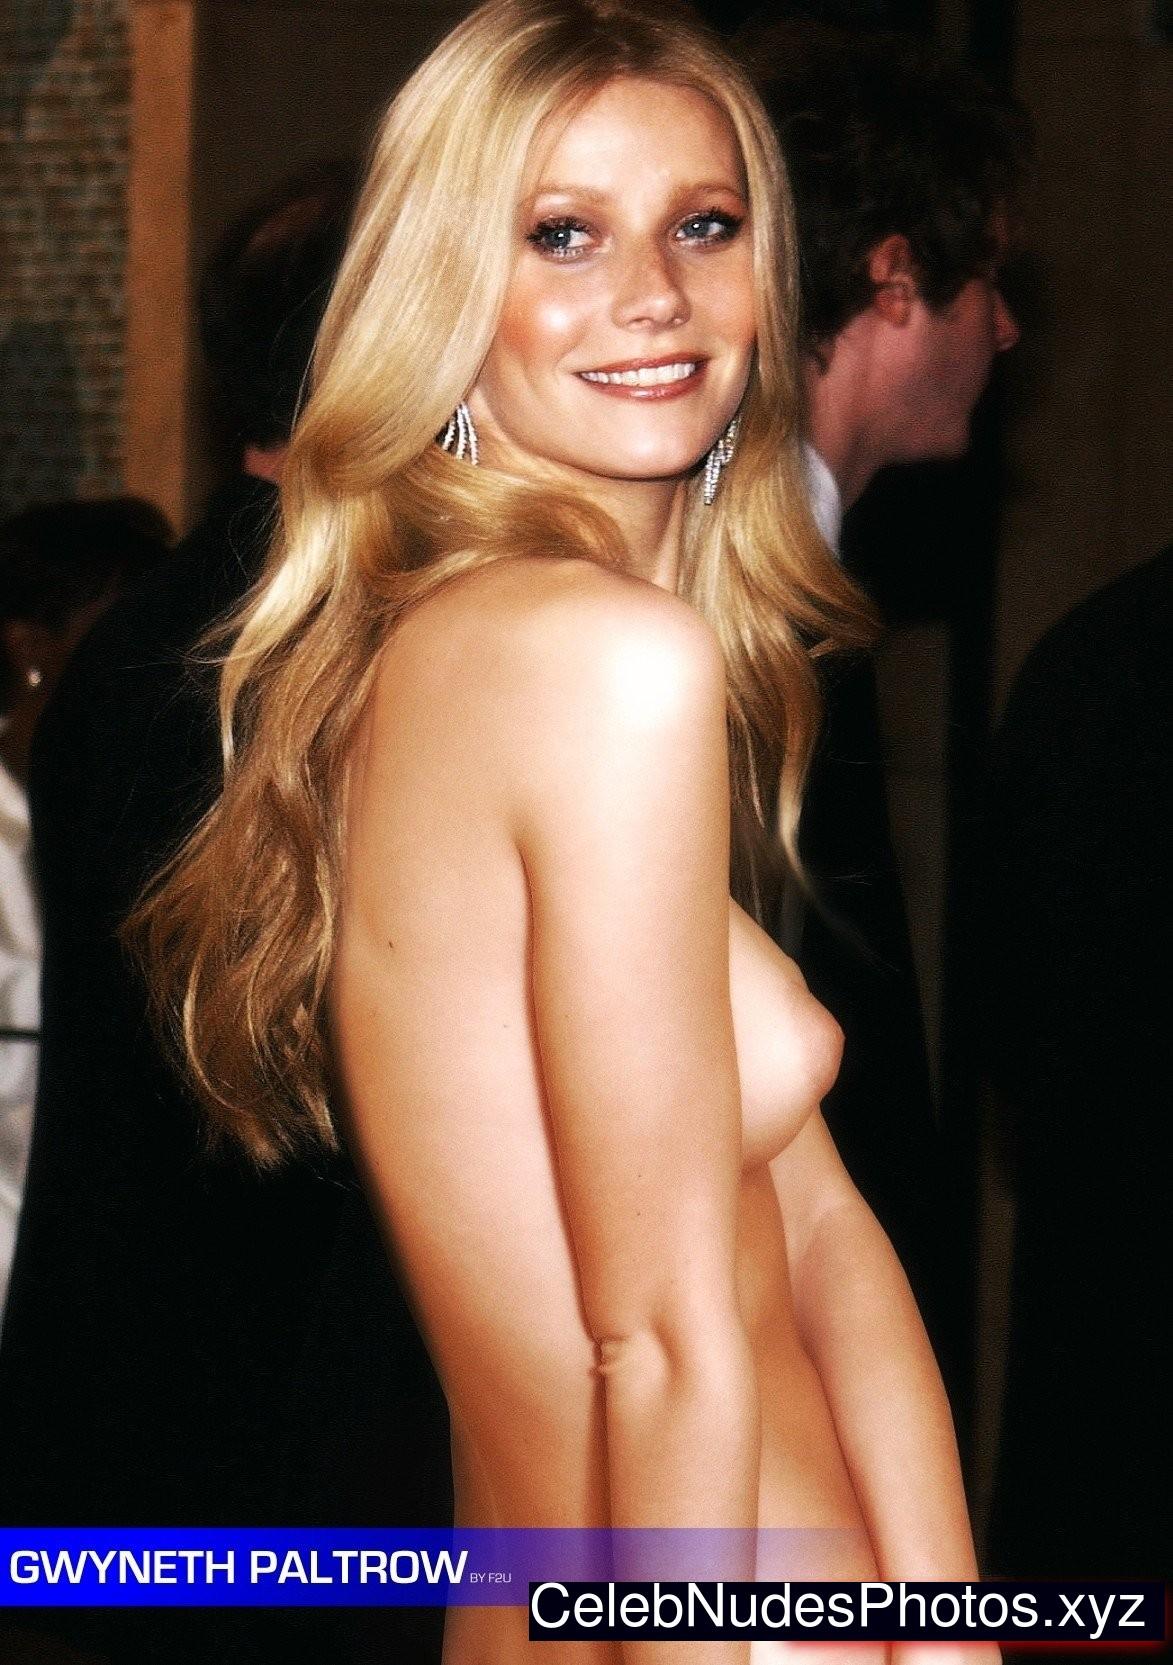 celebritys nude